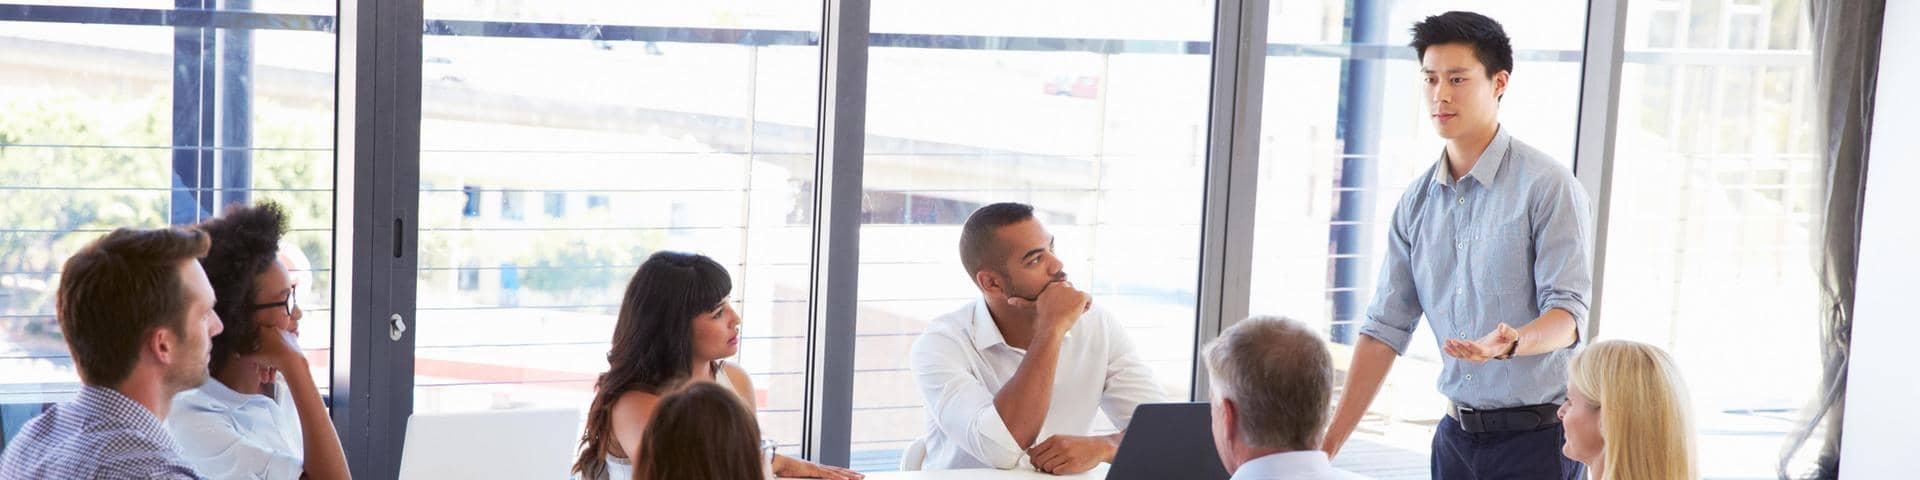 People Meeting Office